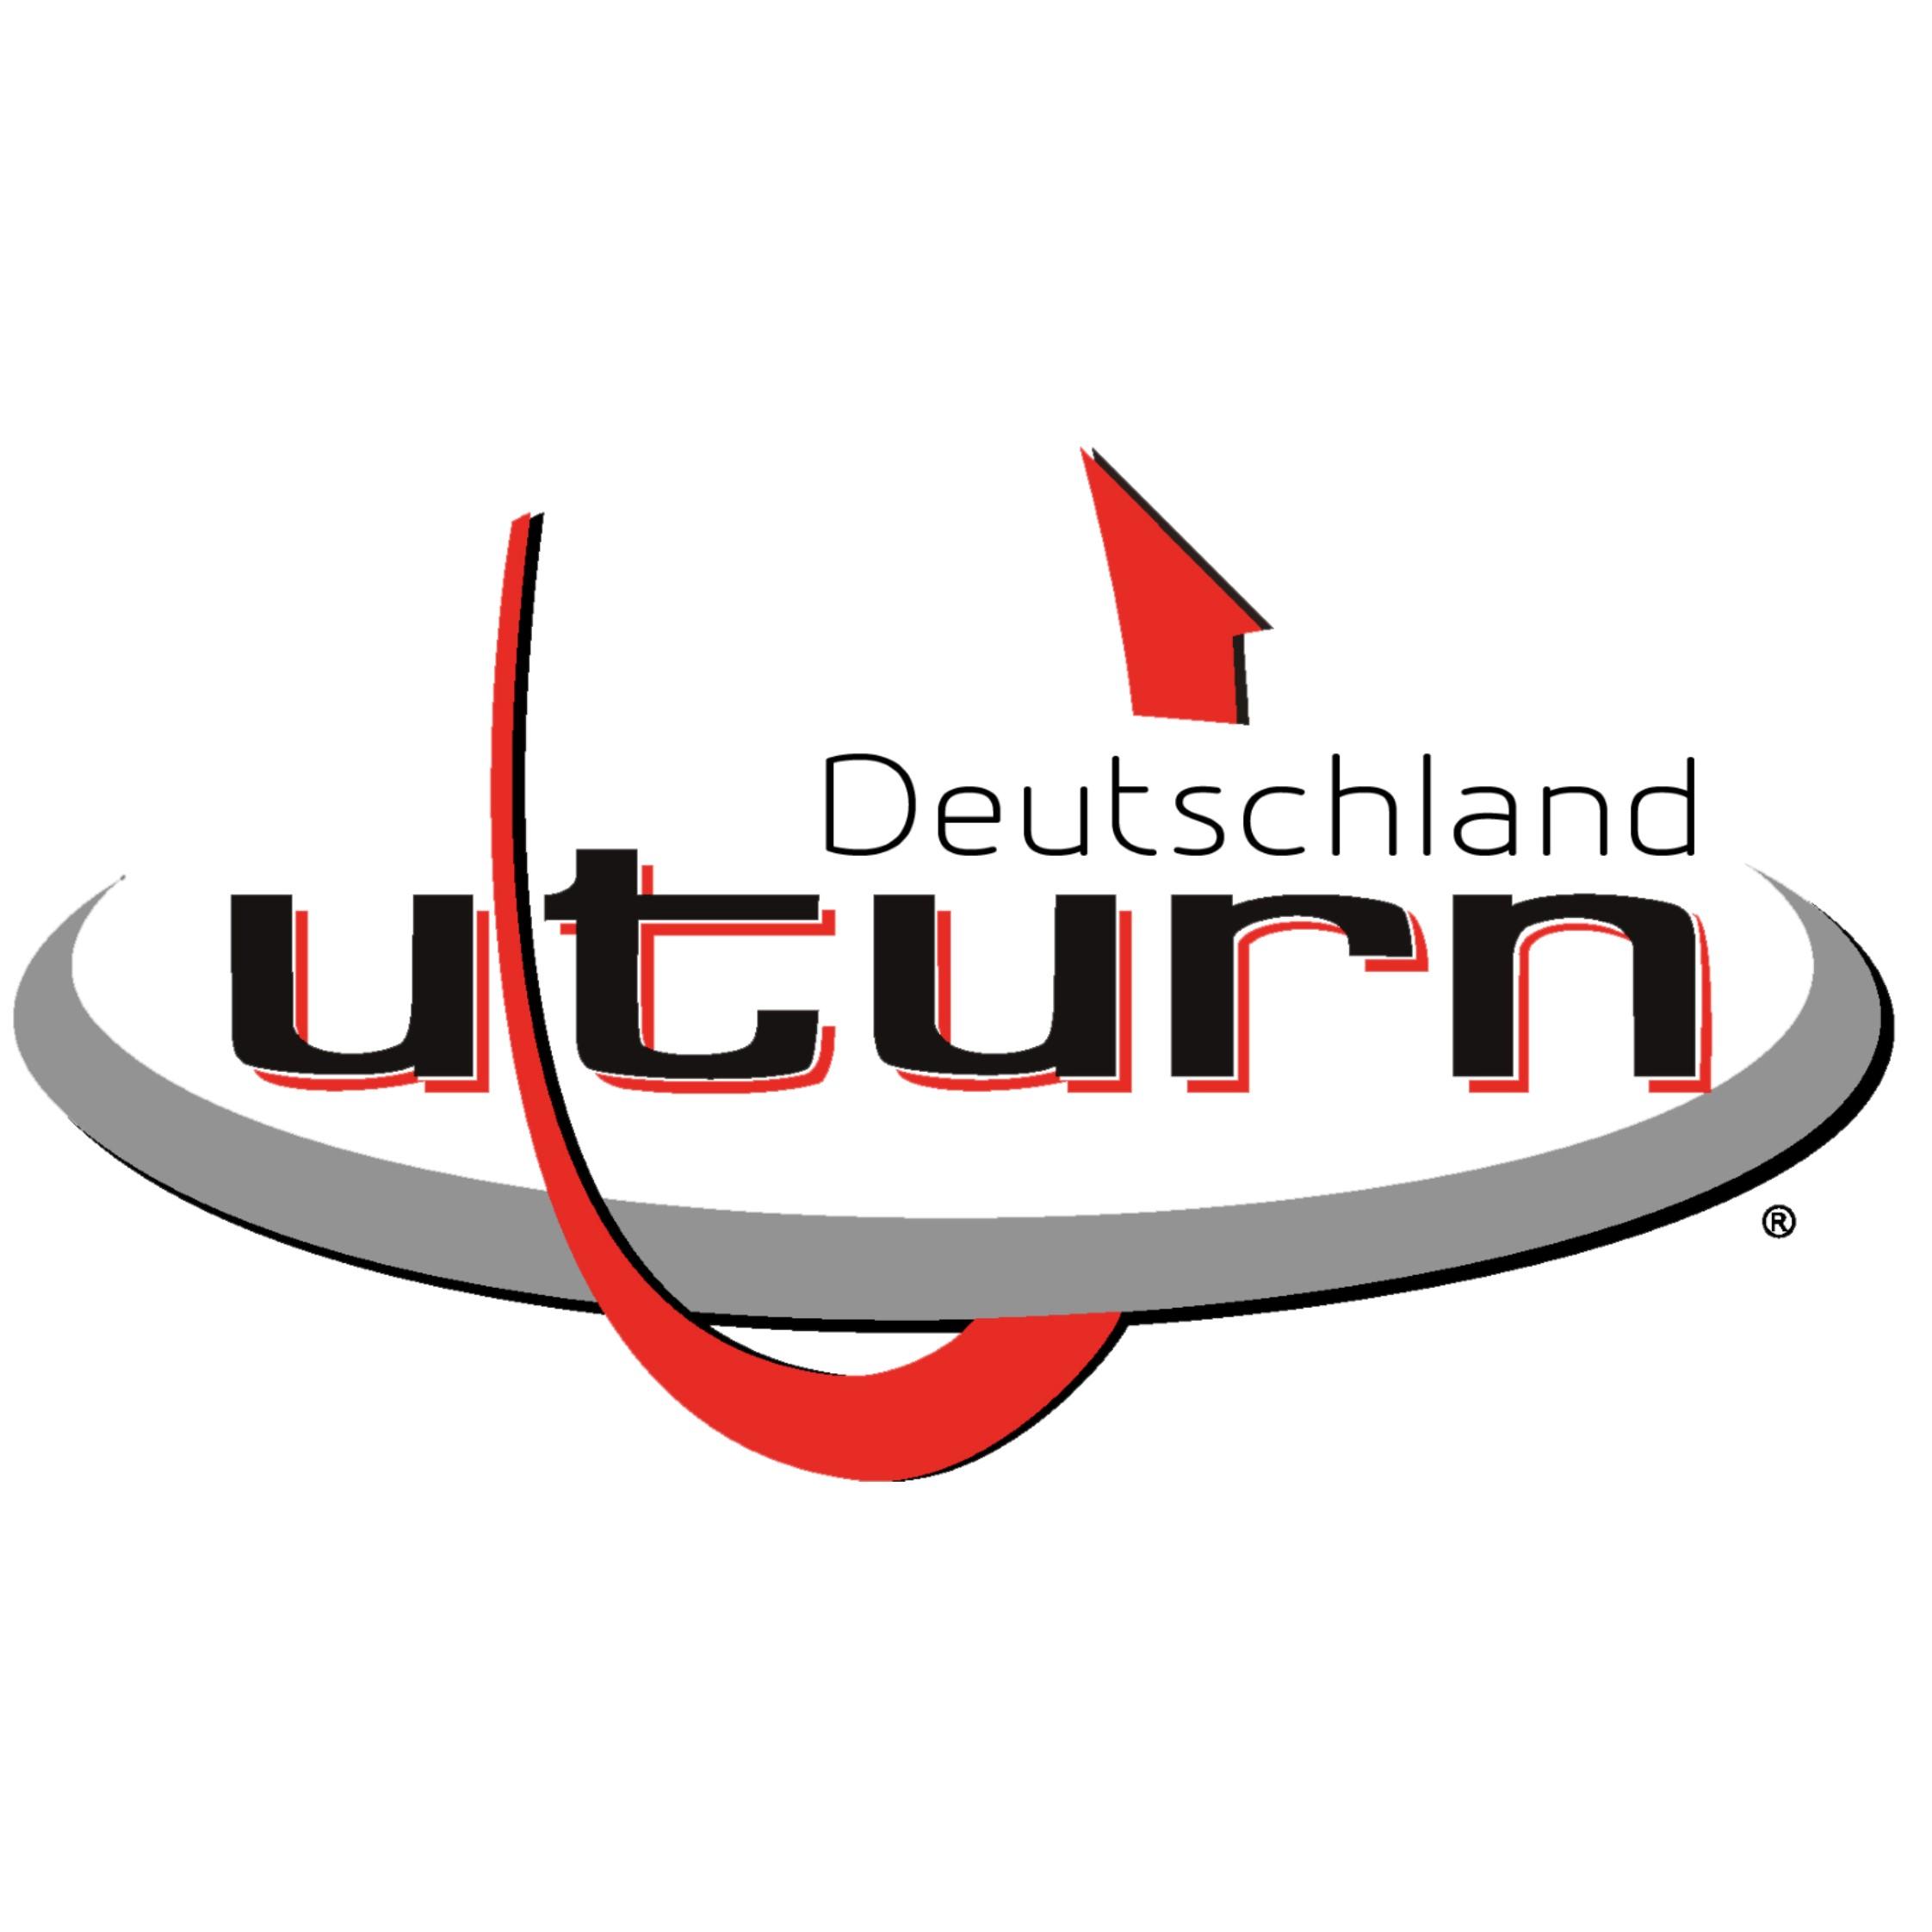 Uturn-Deutschland